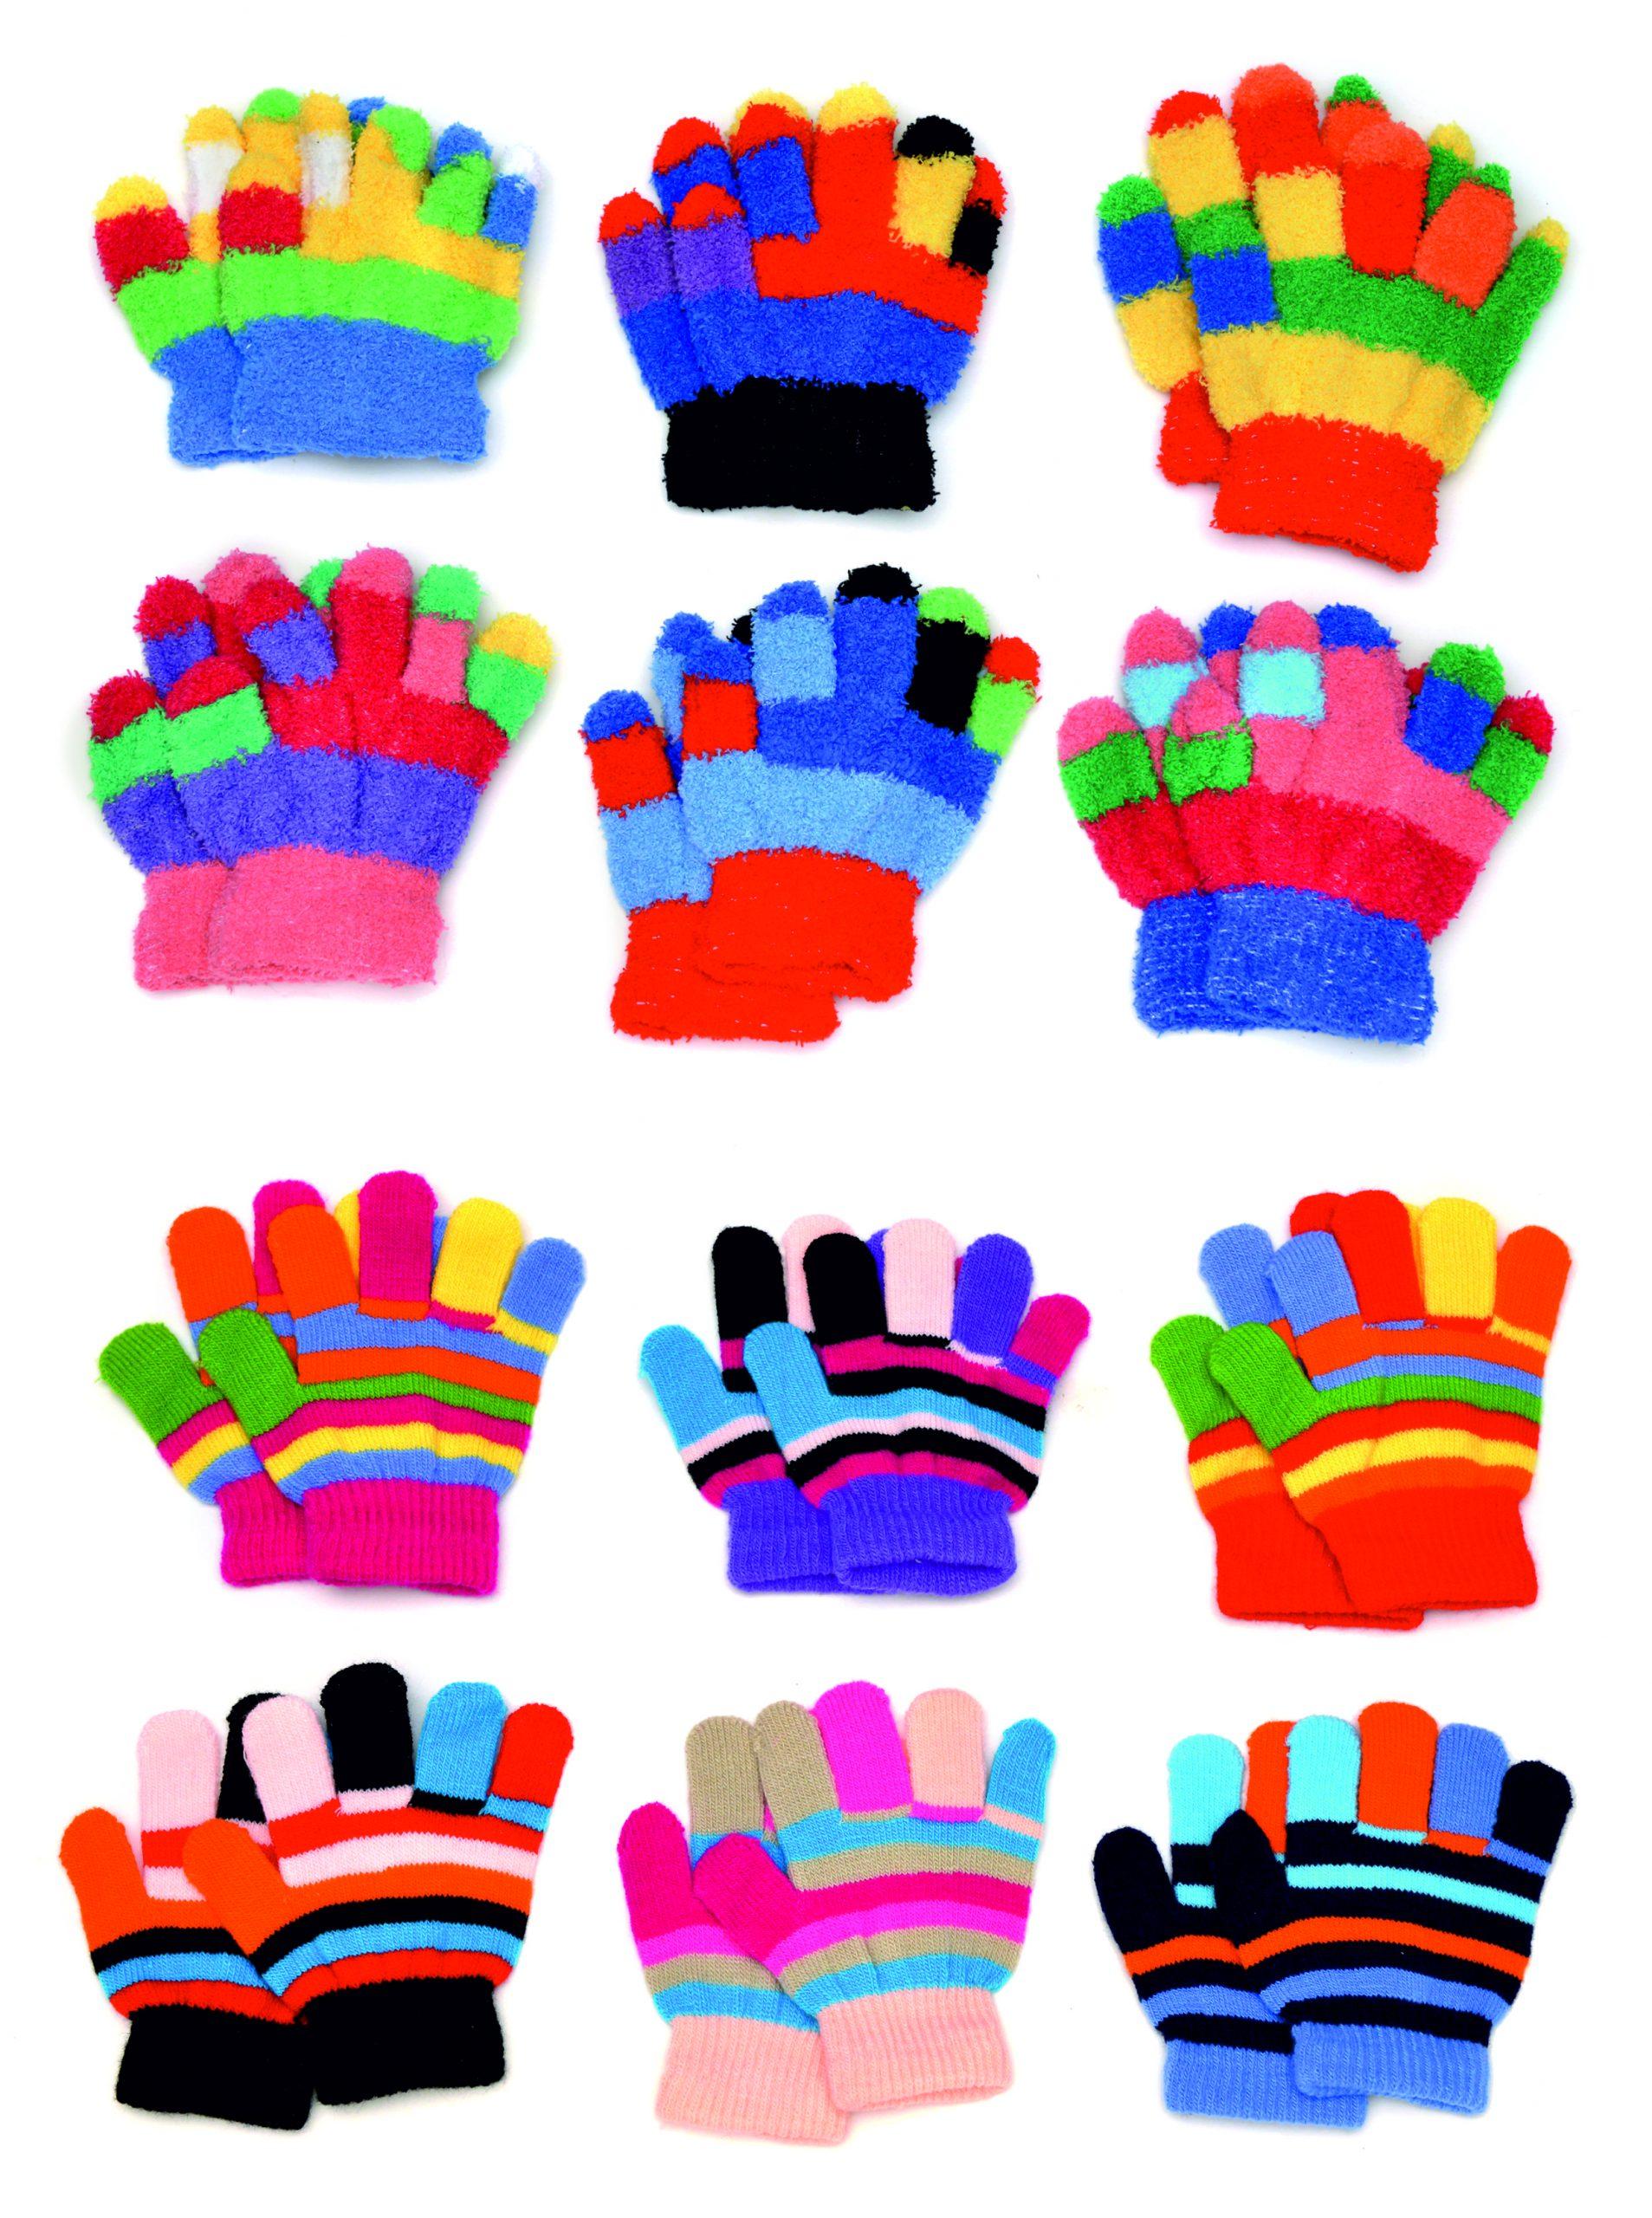 010-7021 Kinder Handschuhe Berlin Mix